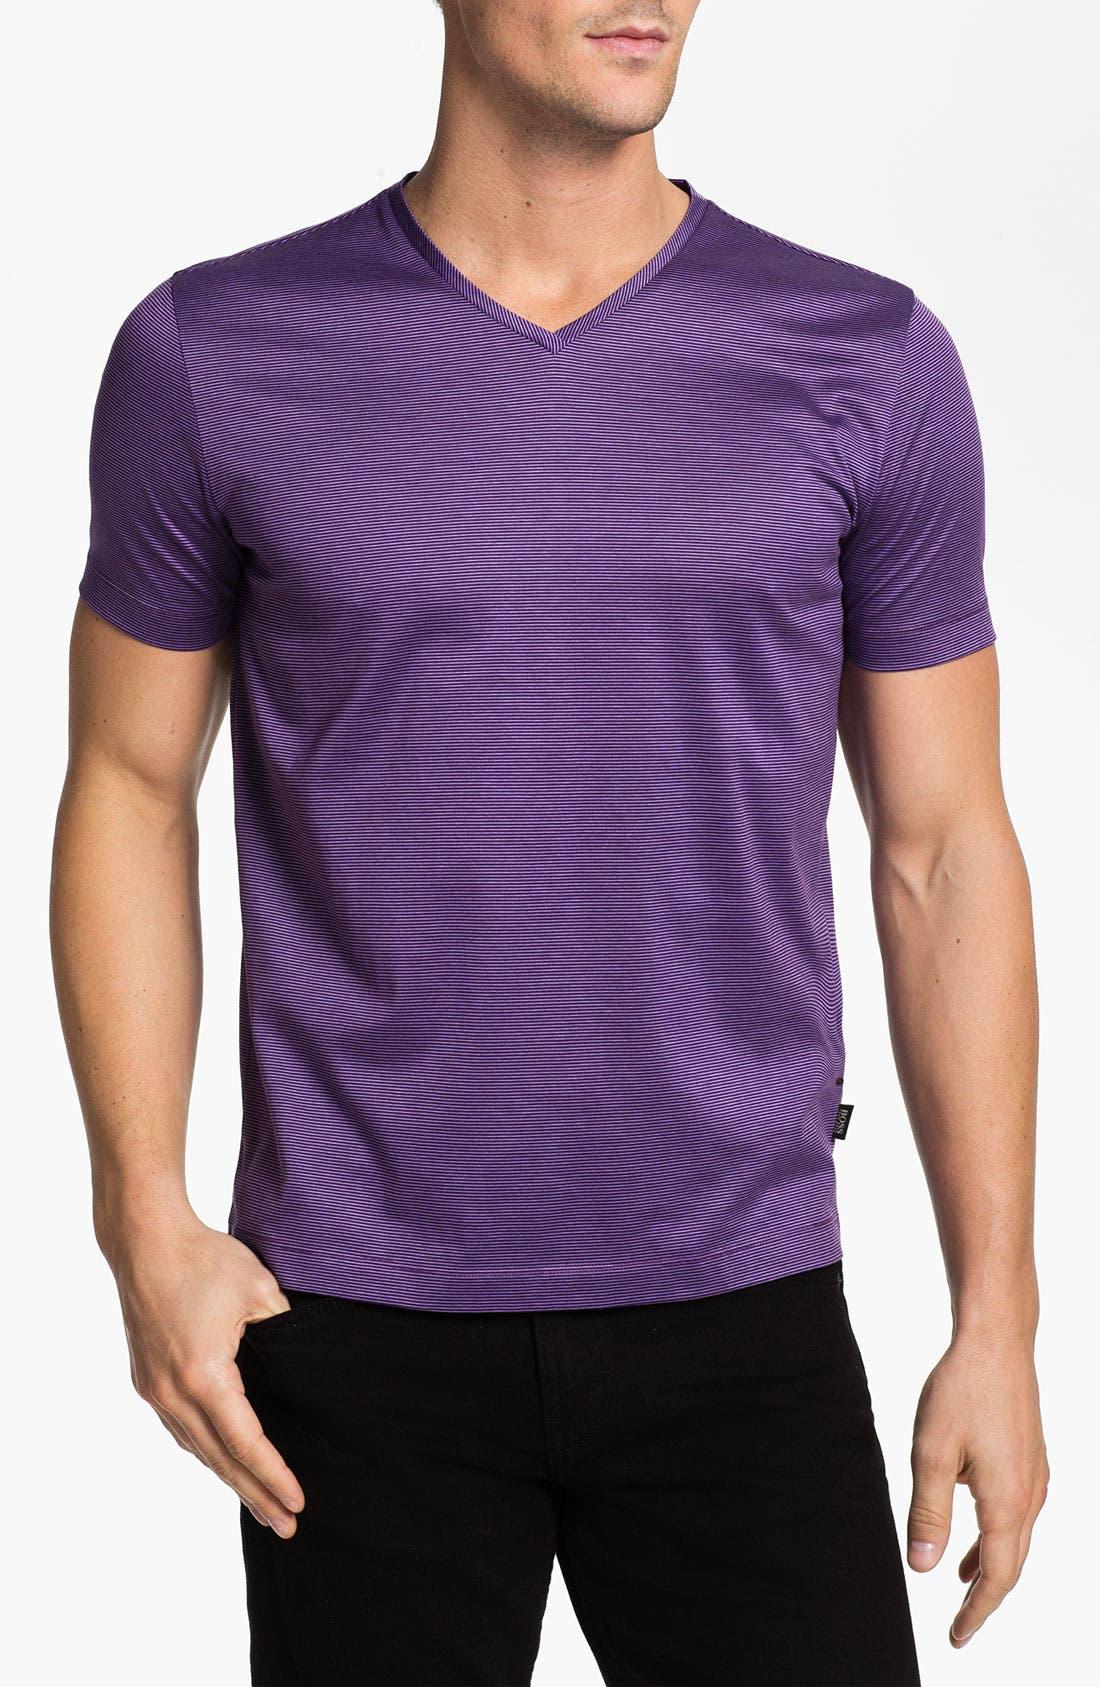 Alternate Image 1 Selected - BOSS HUGO BOSS 'Eraldo' Regular Fit V-Neck T-Shirt